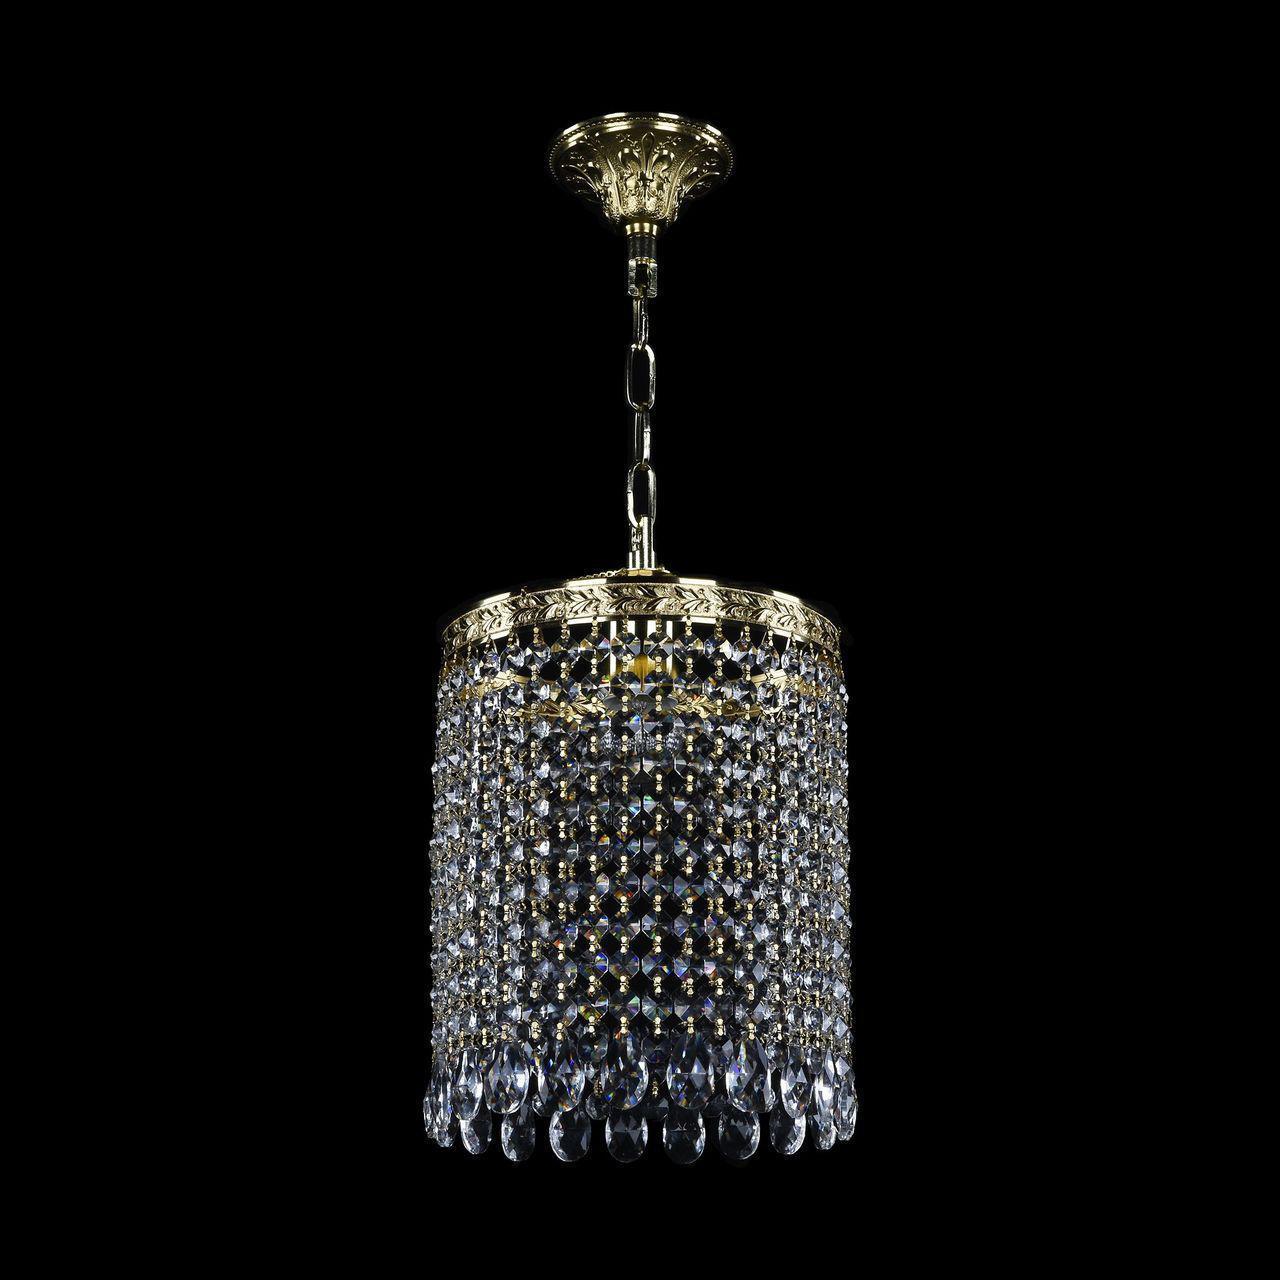 Подвесной светильник Bohemia Ivele 19201/20IV G